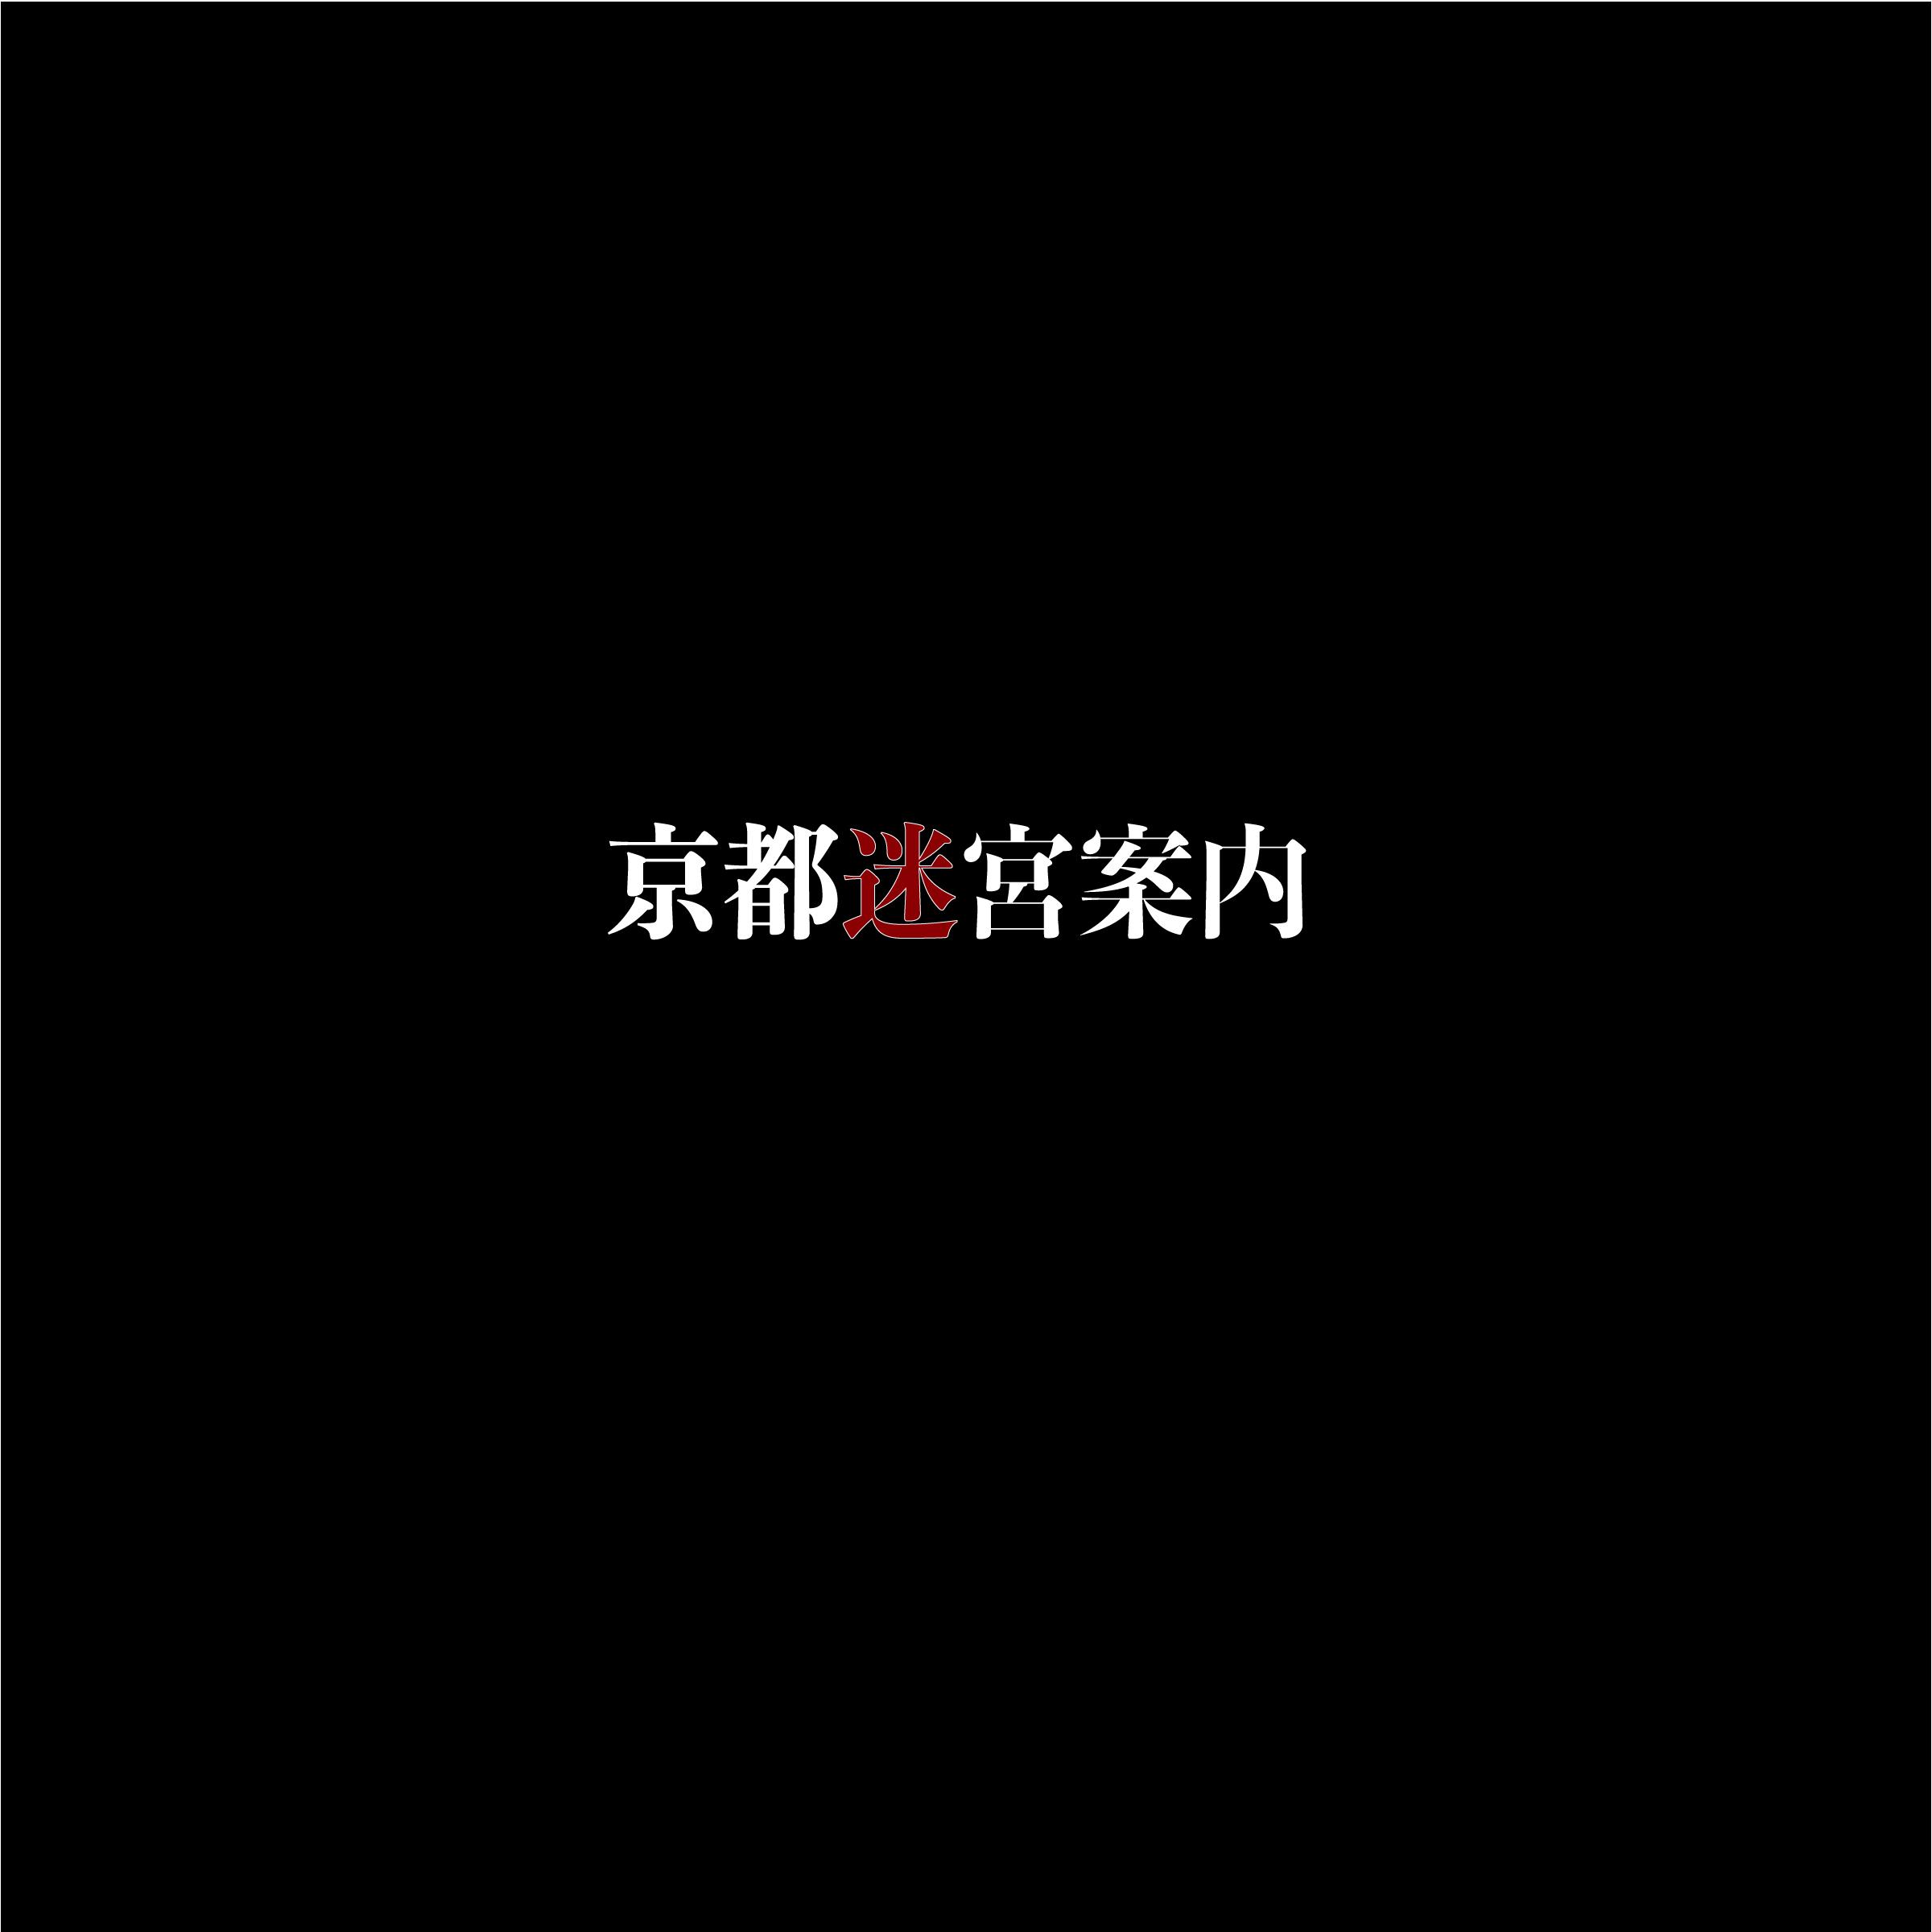 京都迷宮案内 オリジナルサウンドトラック Image